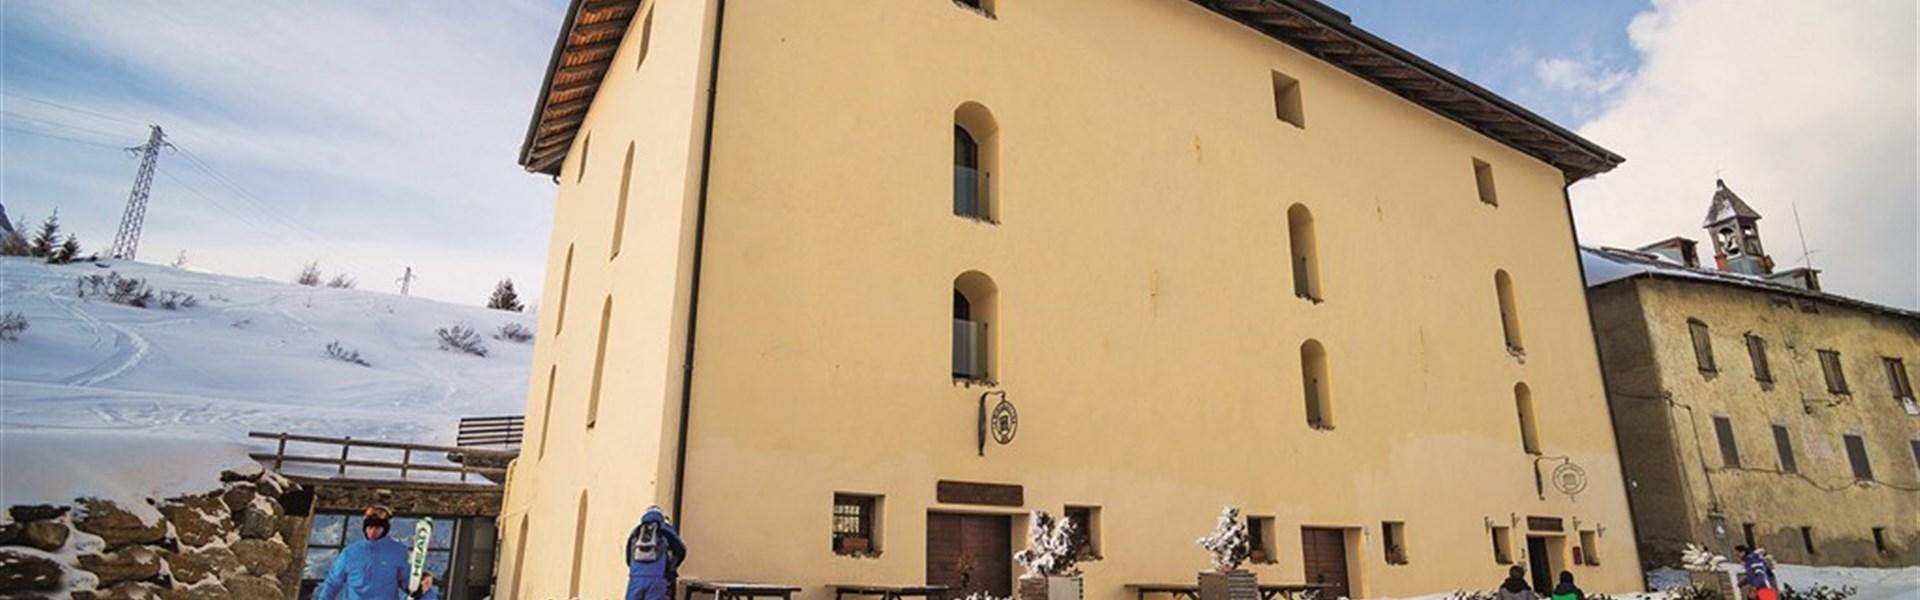 Marco Polo - Hotel Dimora Storica La Mirandola -